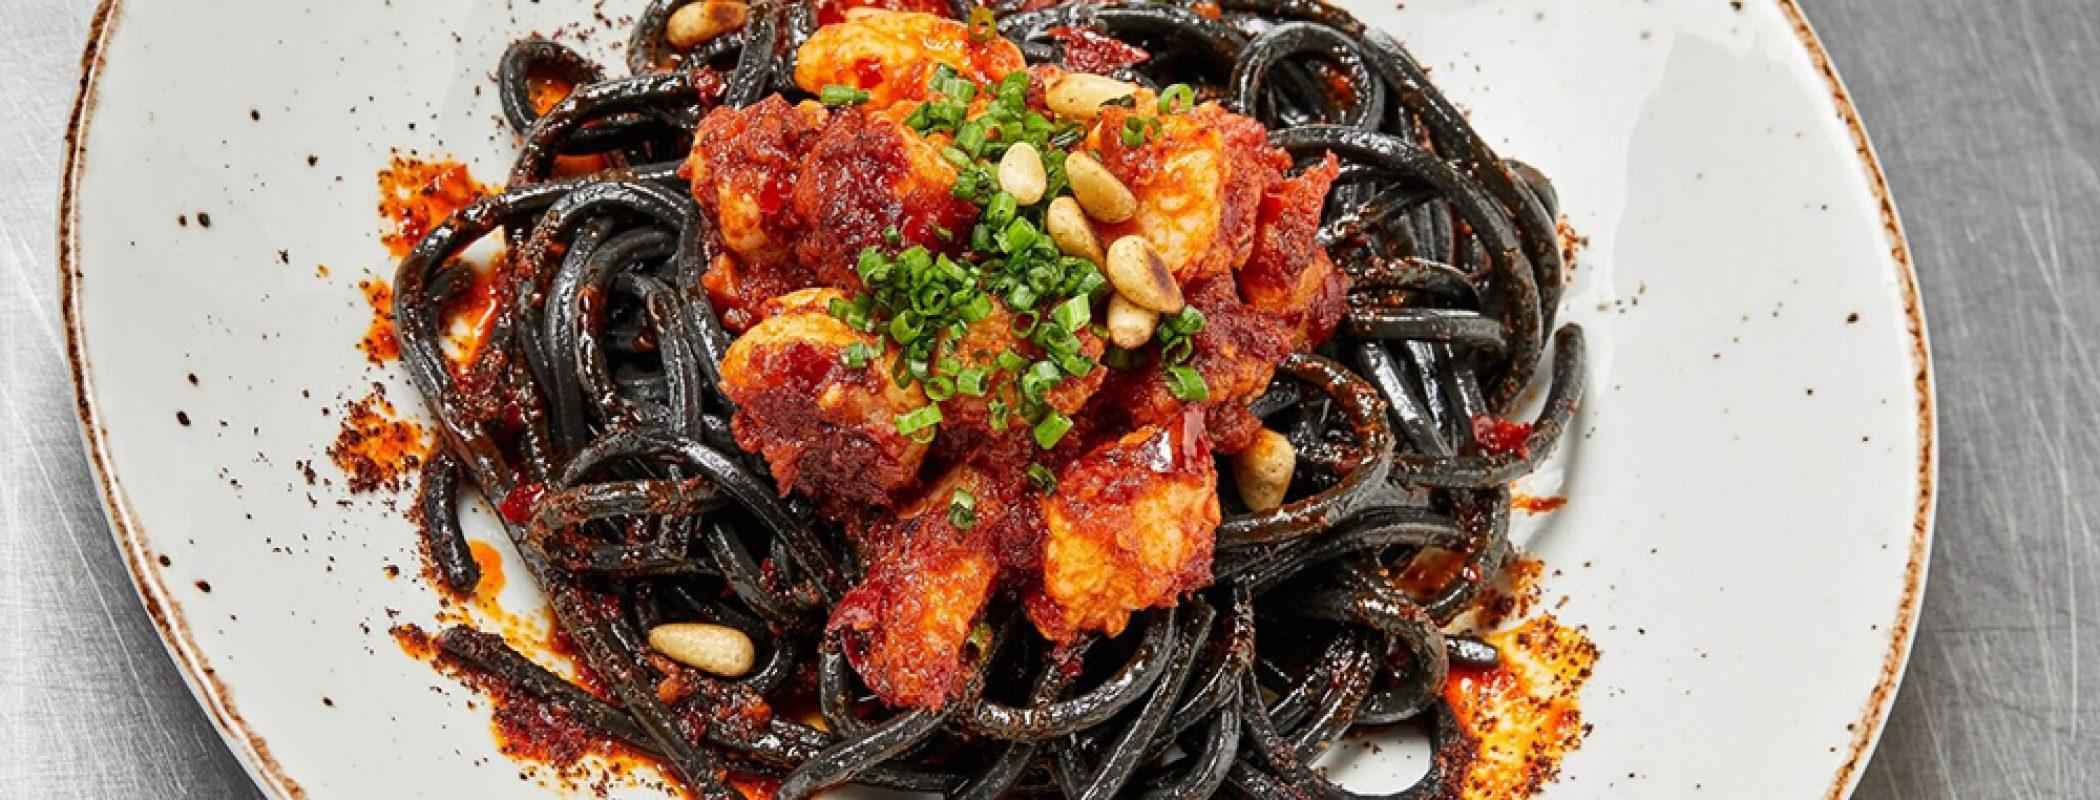 EssenceCatering-squid-pasta